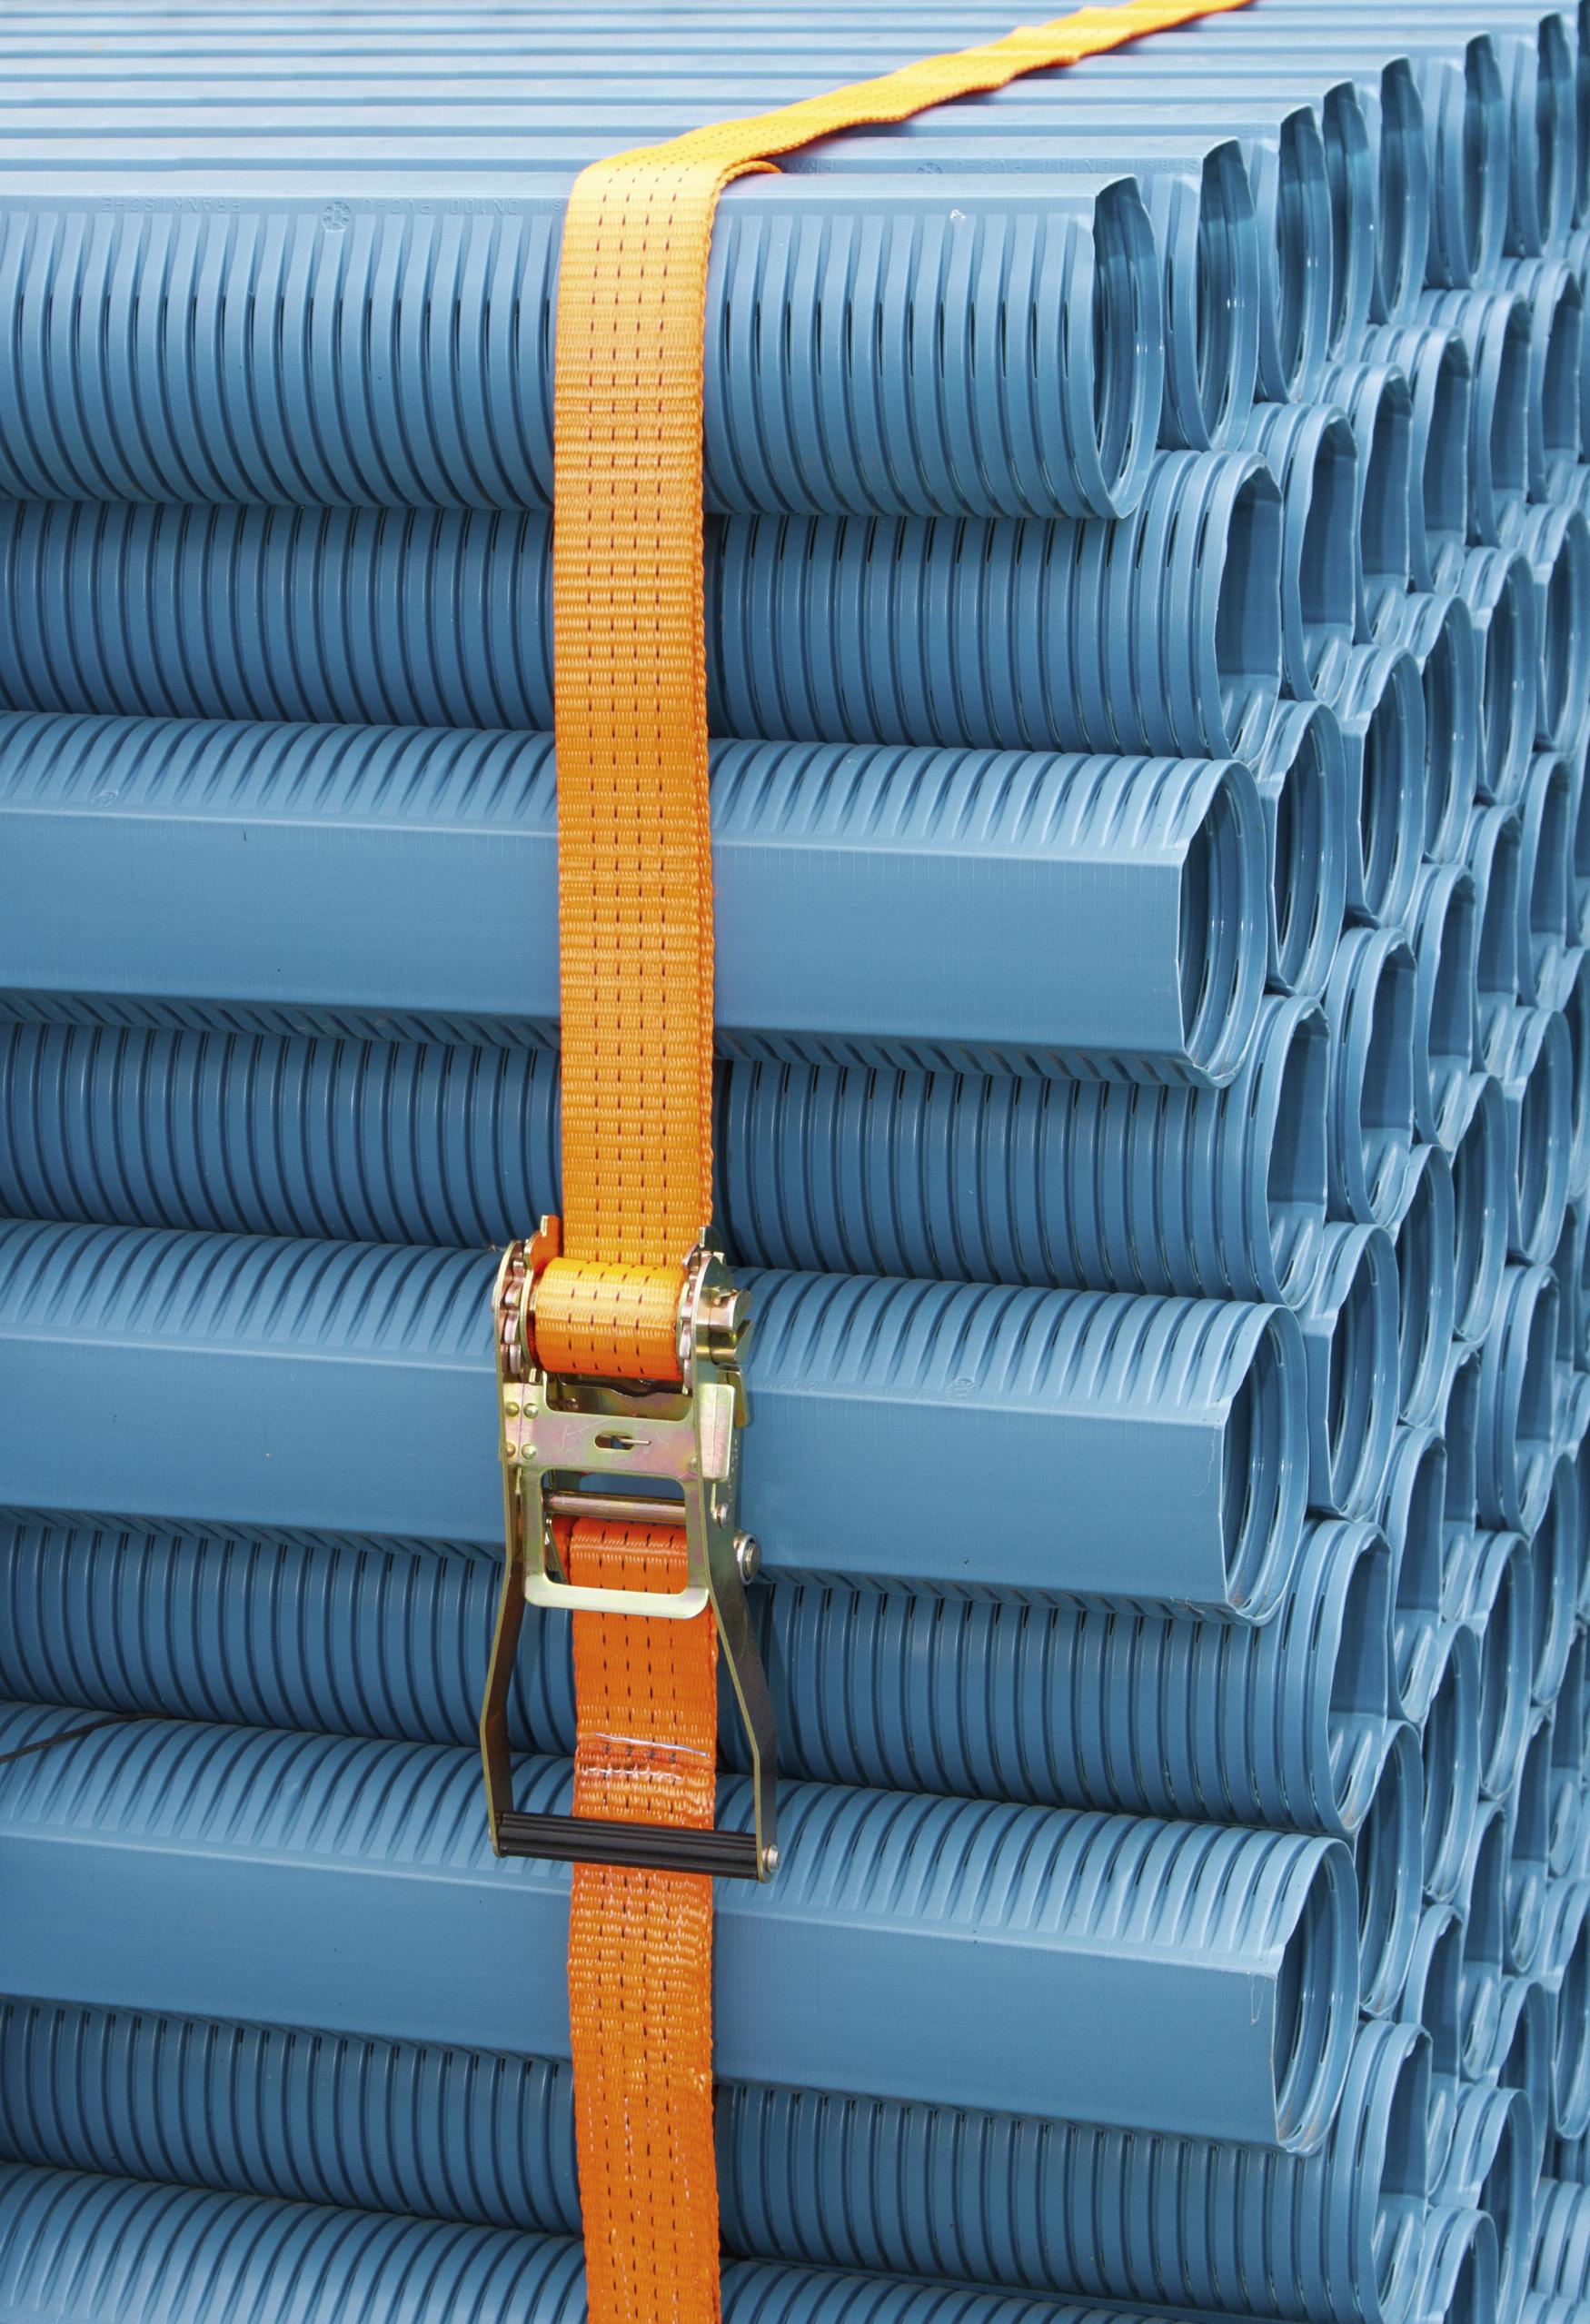 Ratschenzurrgurt 2-tlg. orange Aufdruck, 50 mm / 30m, 4000kg